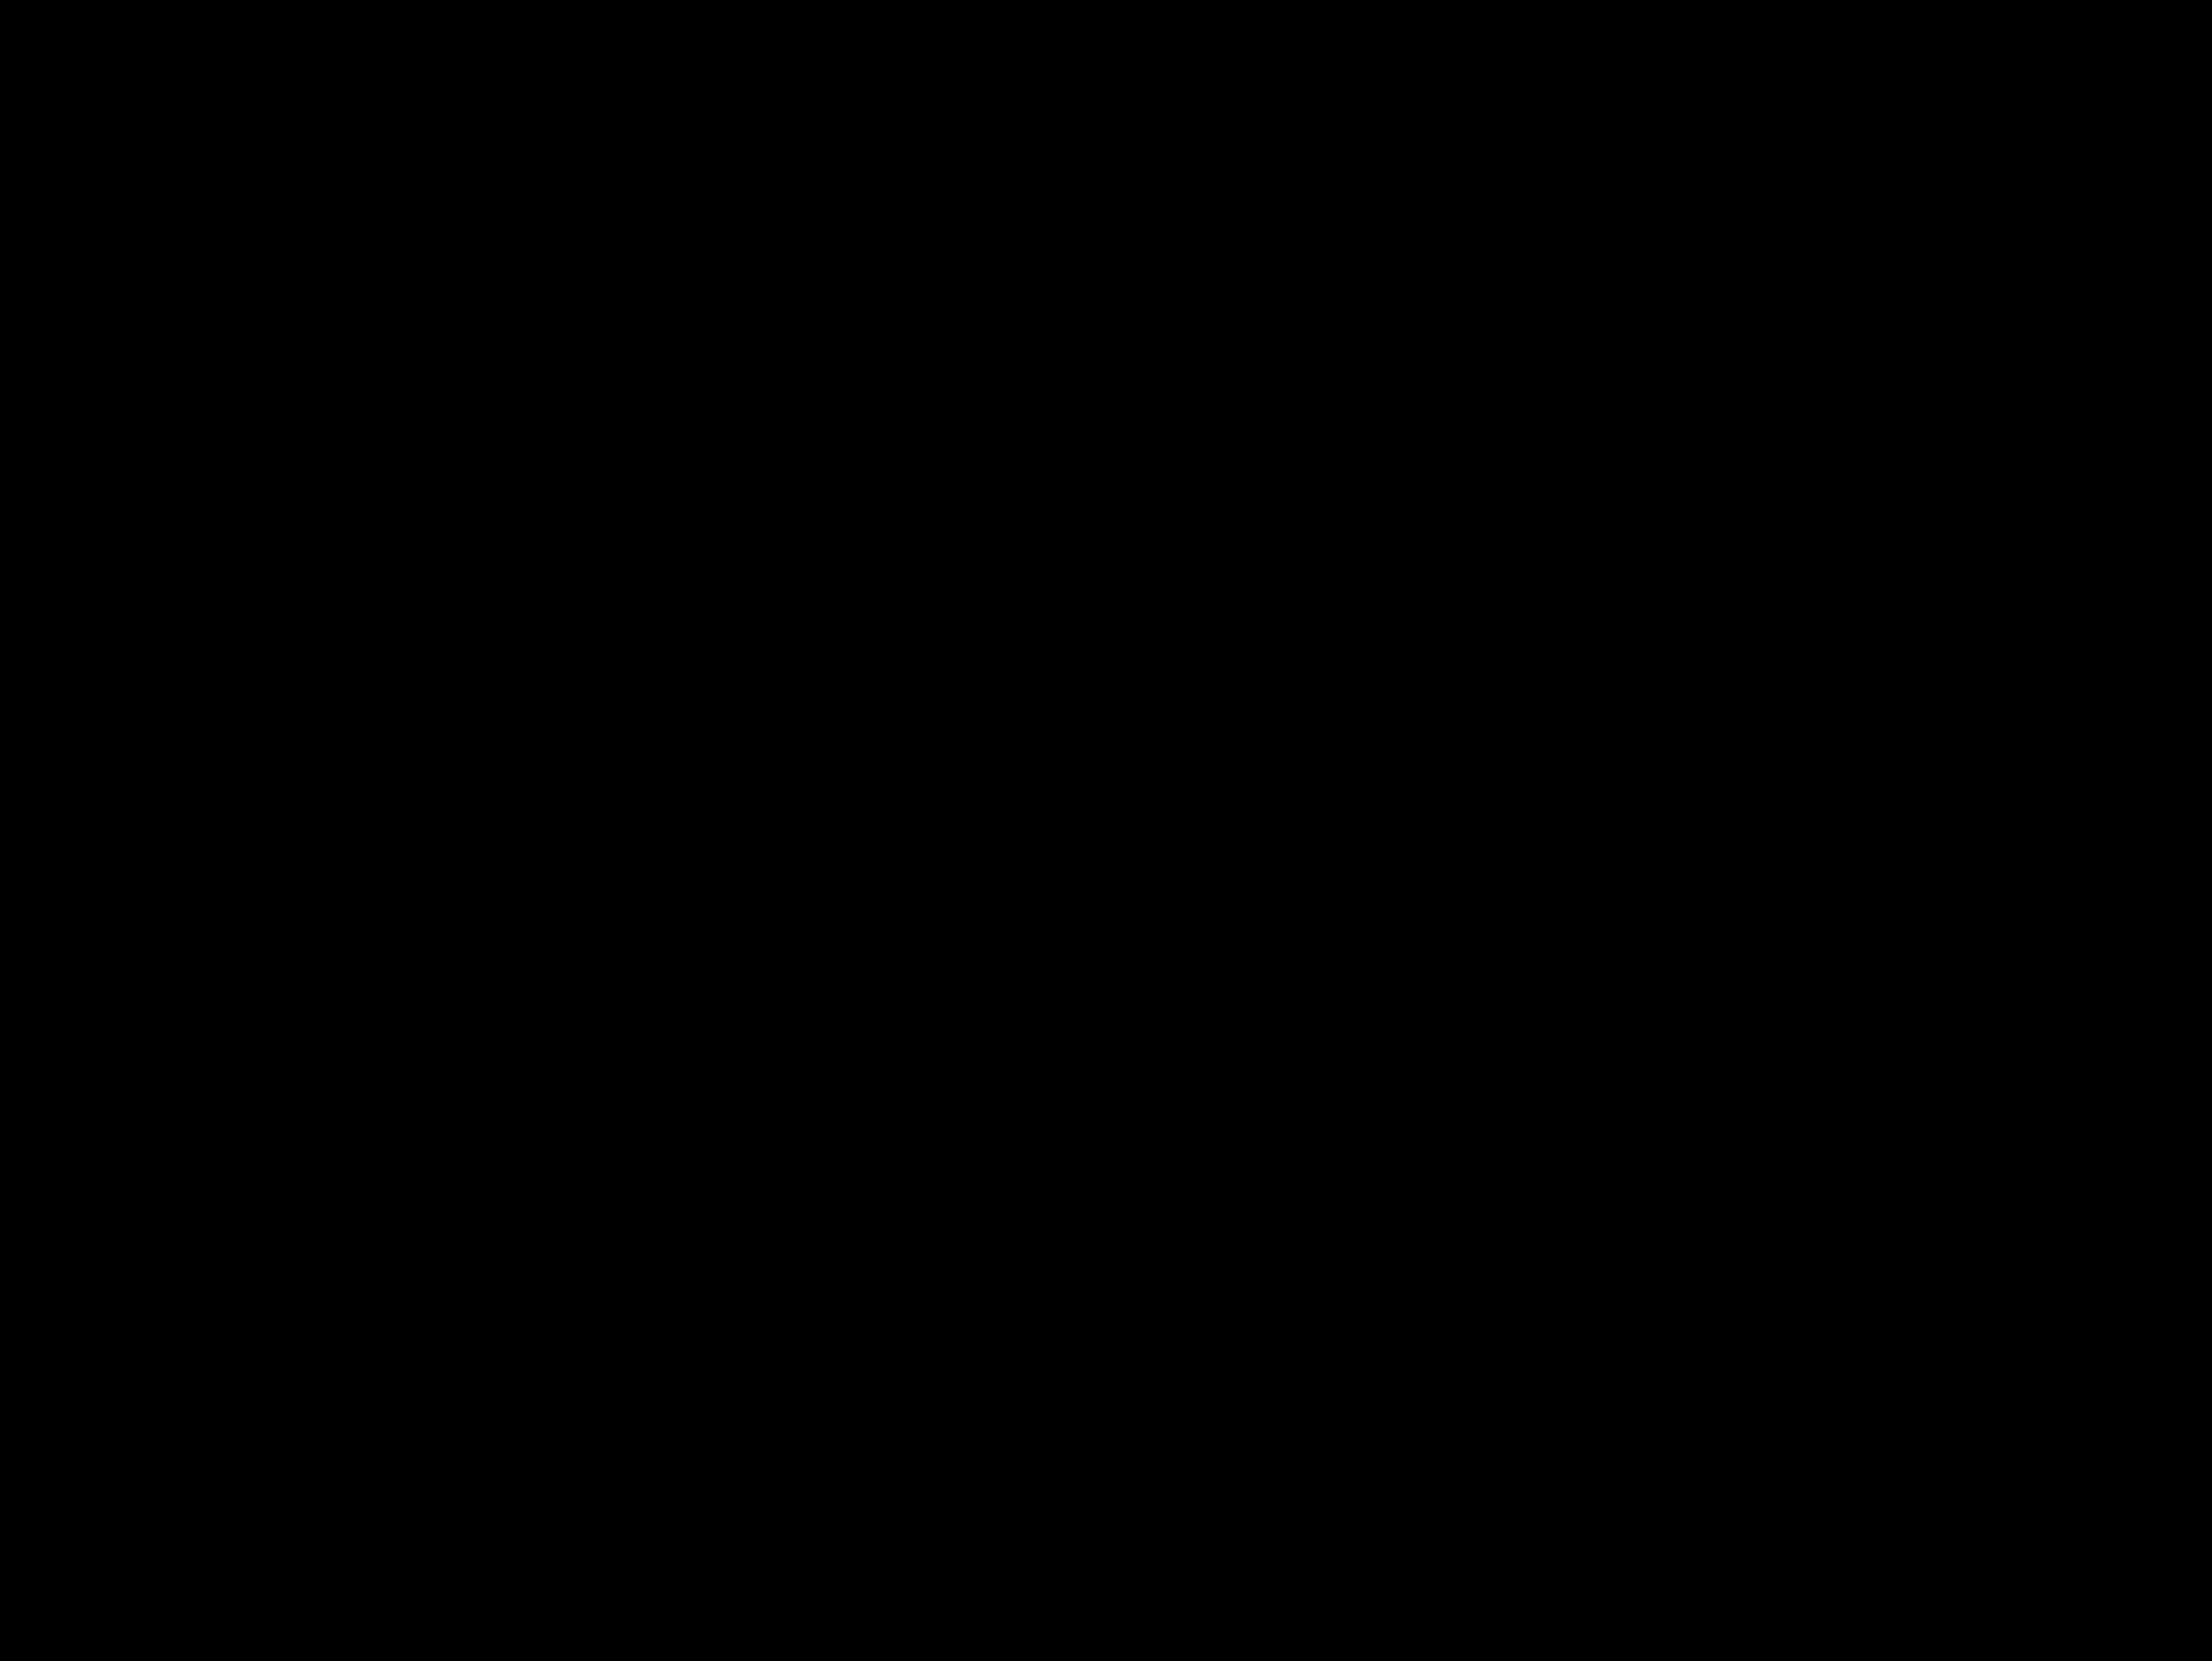 Die Dormitio-Abtei wurde mit anti-christlichen Sprüchen beschmiert. (Quelle: Andrew Shiva via Wikimedia Commons unter CC-BY-SA 4.0 Lizenz)